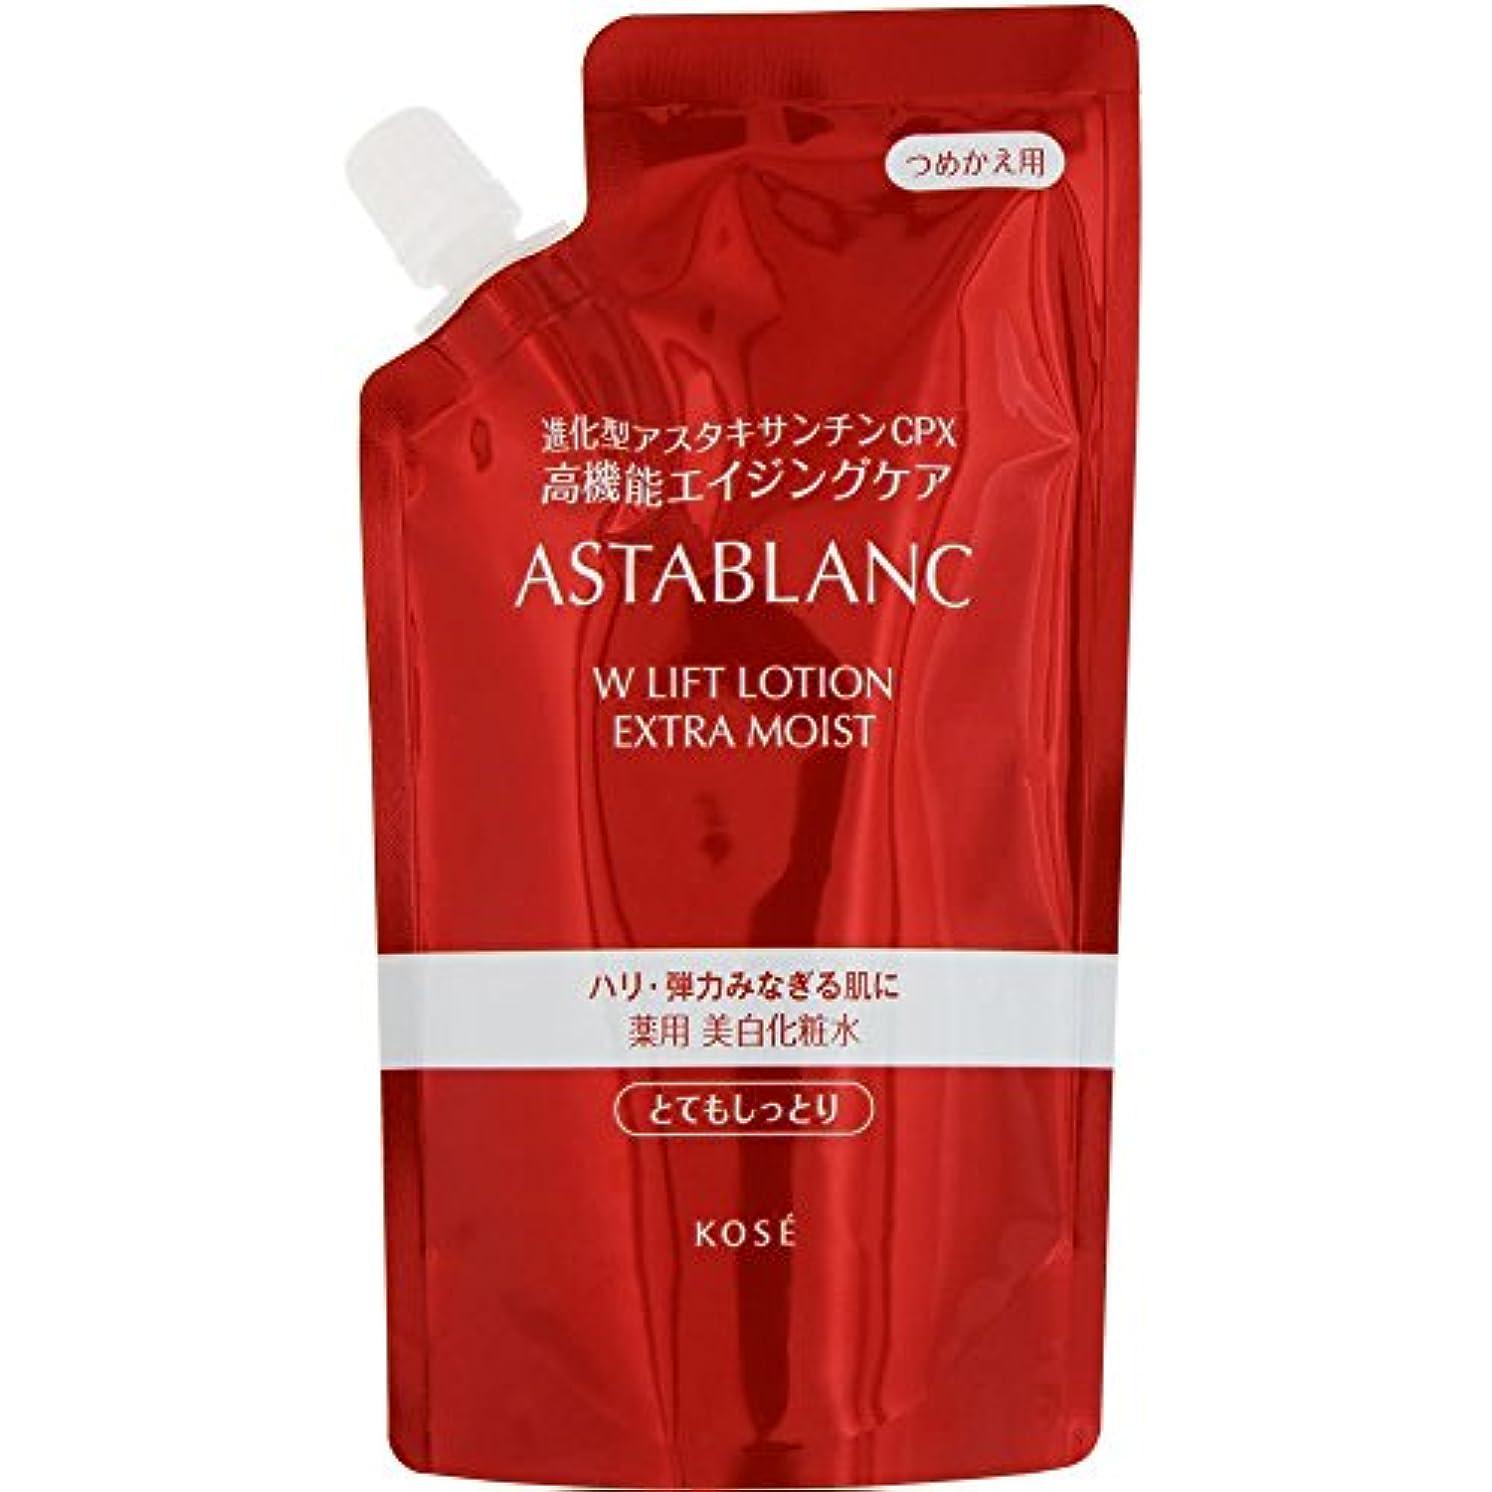 汚れた変形音声ASTABLANC(アスタブラン) アスタブラン Wリフト ローション とてもしっとり 化粧水 詰替え用 130mL